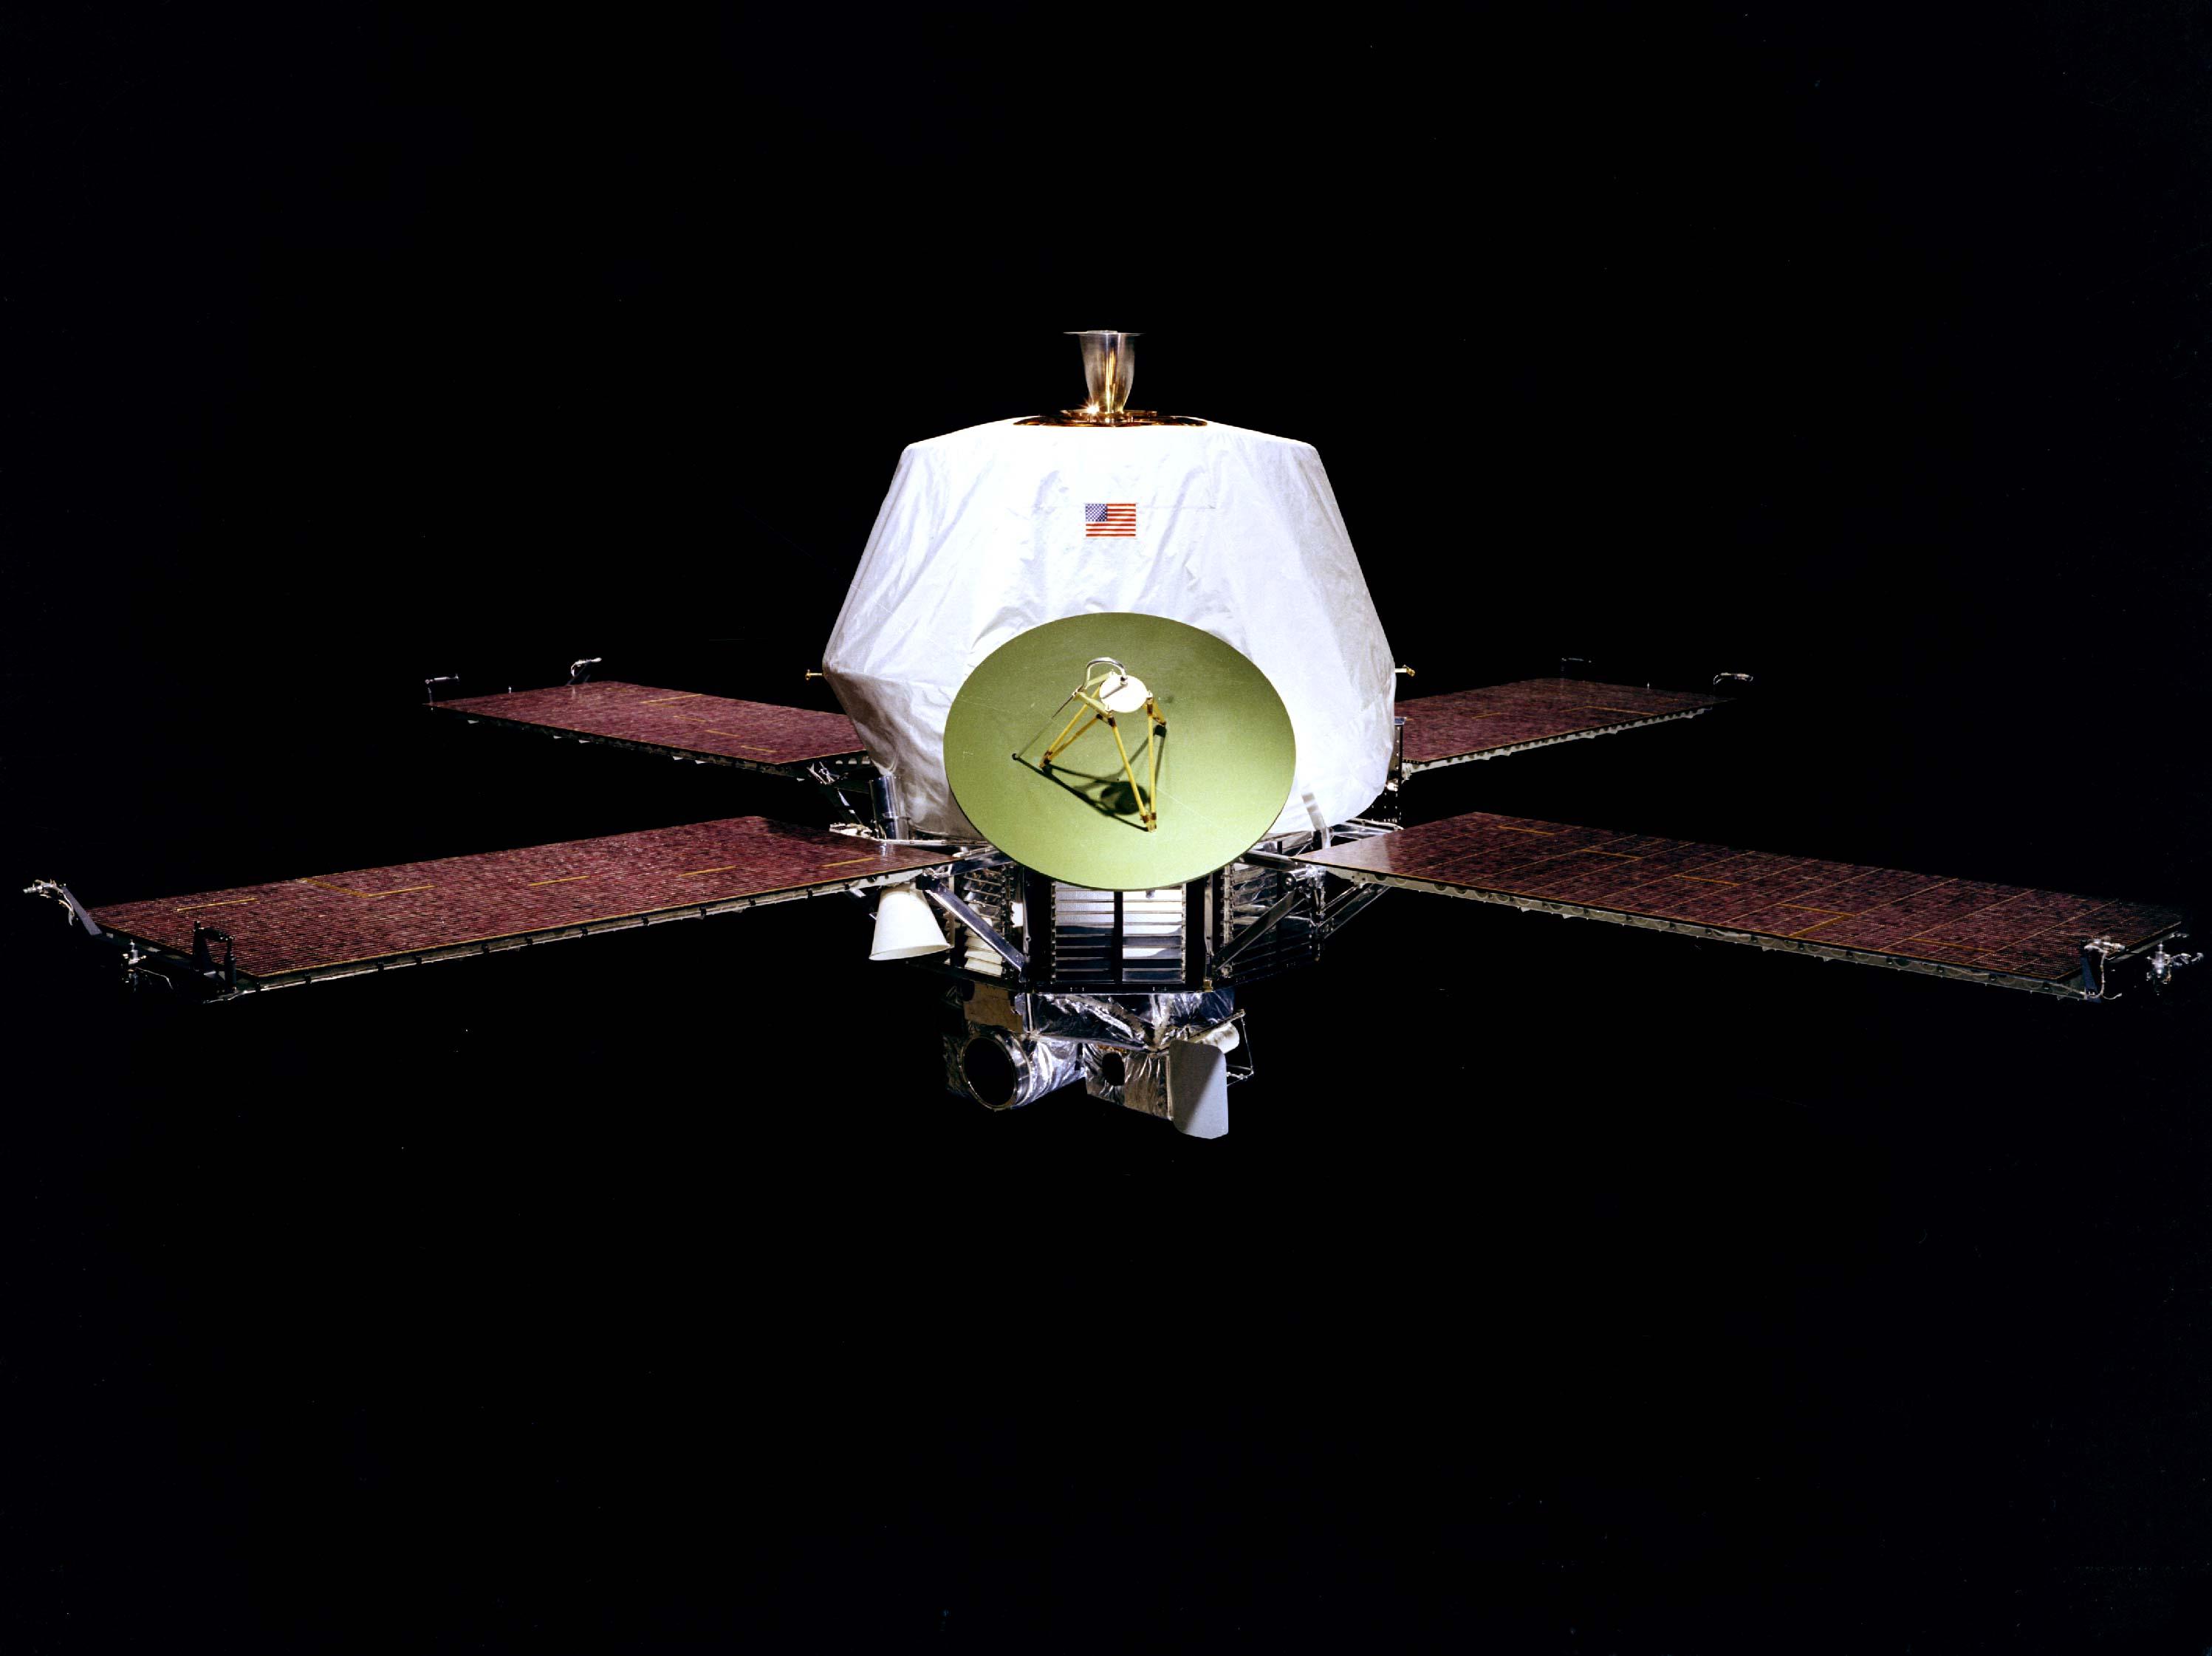 水手9號太空船。圖/取自維基百科